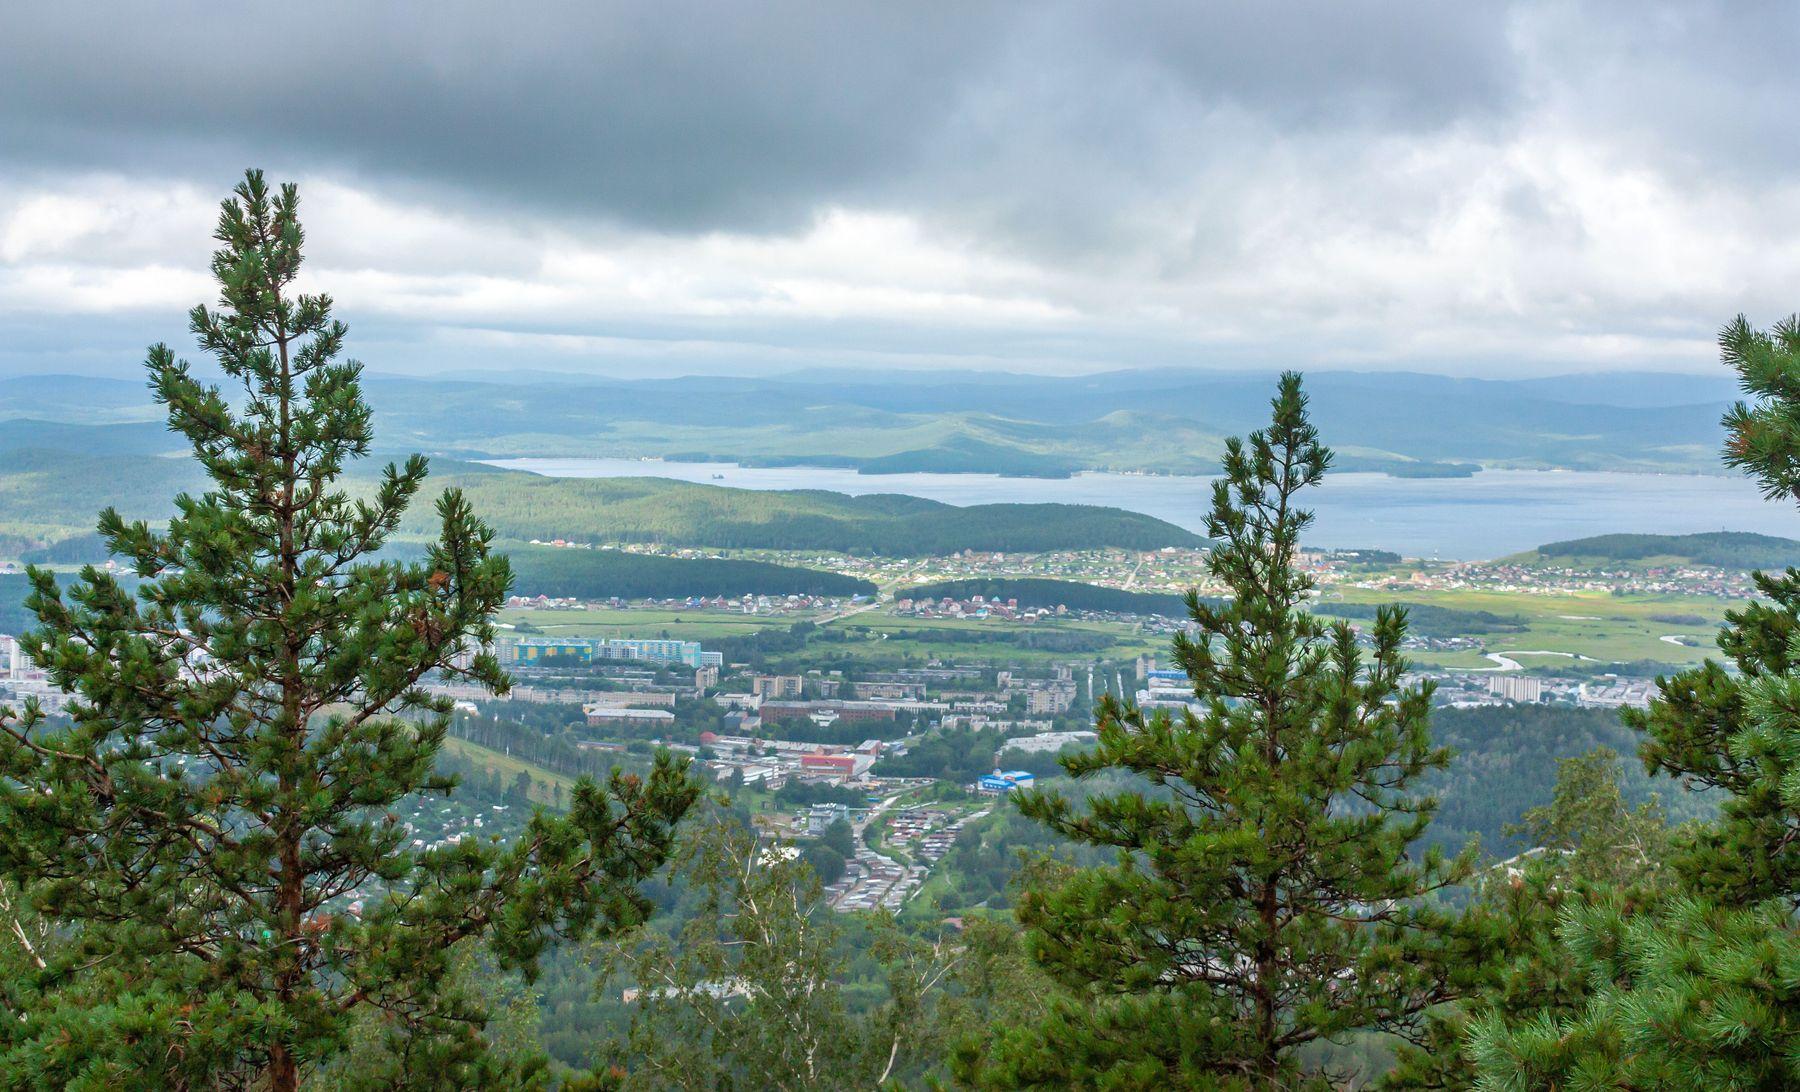 На перевале. Ильменский хребет. Вид на озеро Тургояк. Южный Урал Миасс Ильменский хребет перевал природа лето